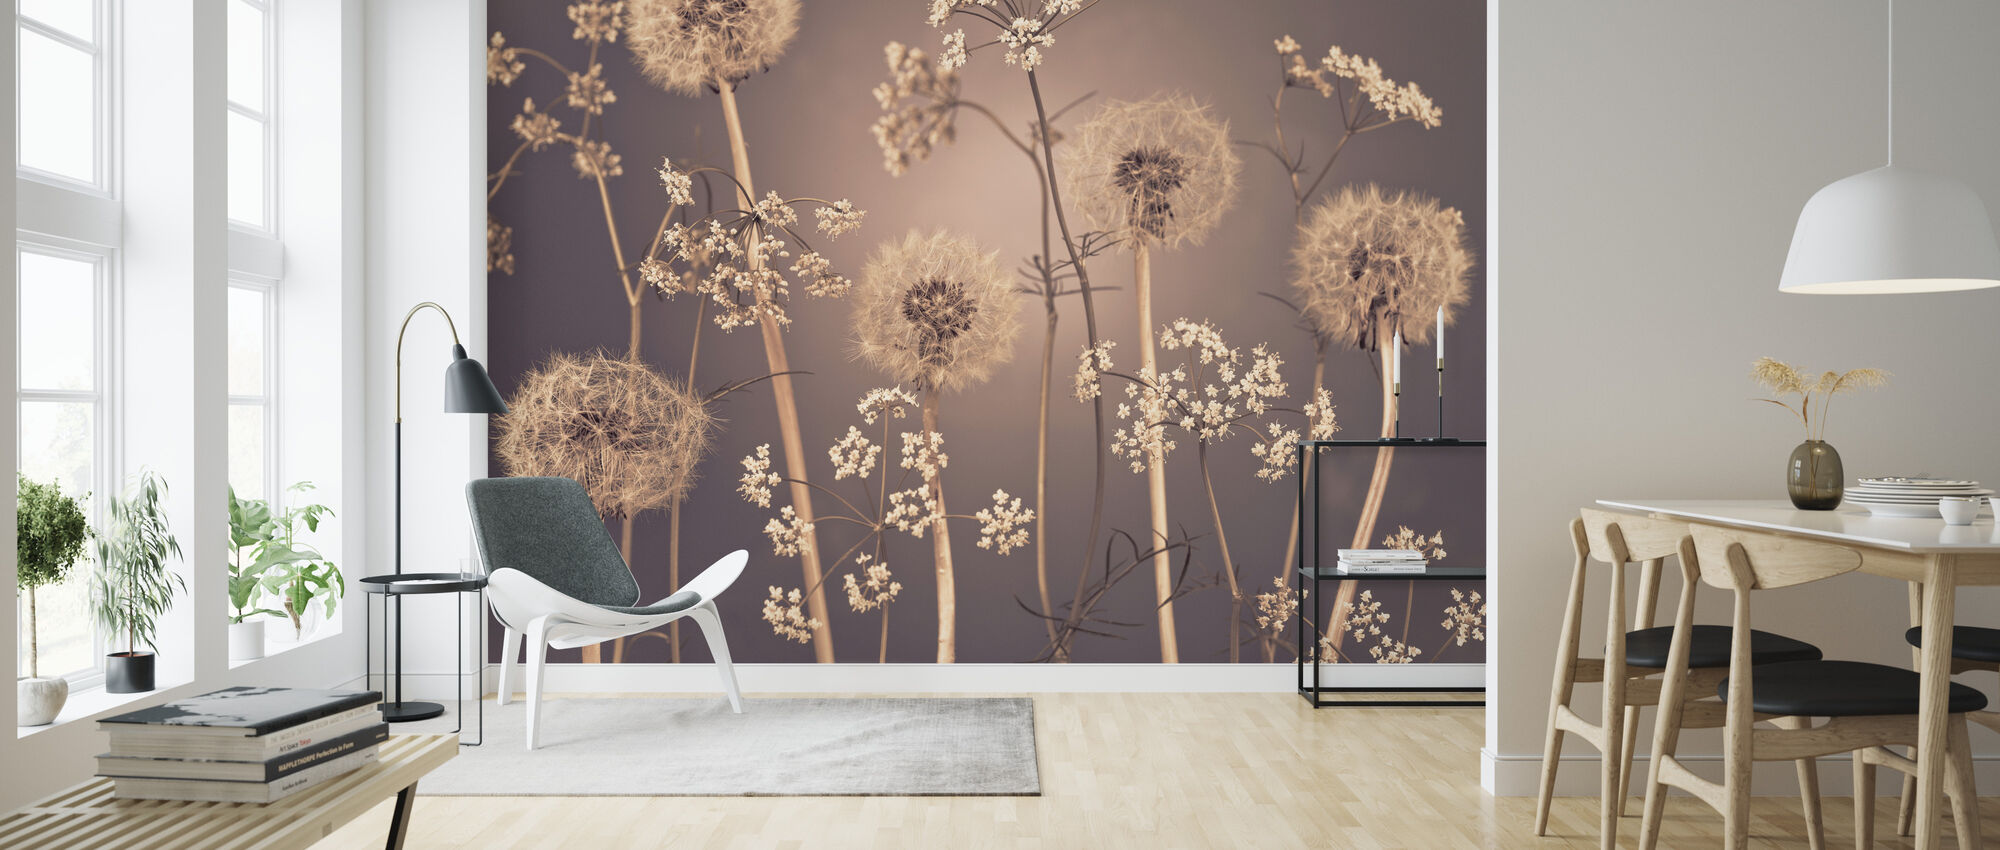 Niitty Kukkia - Tapetti - Olohuone